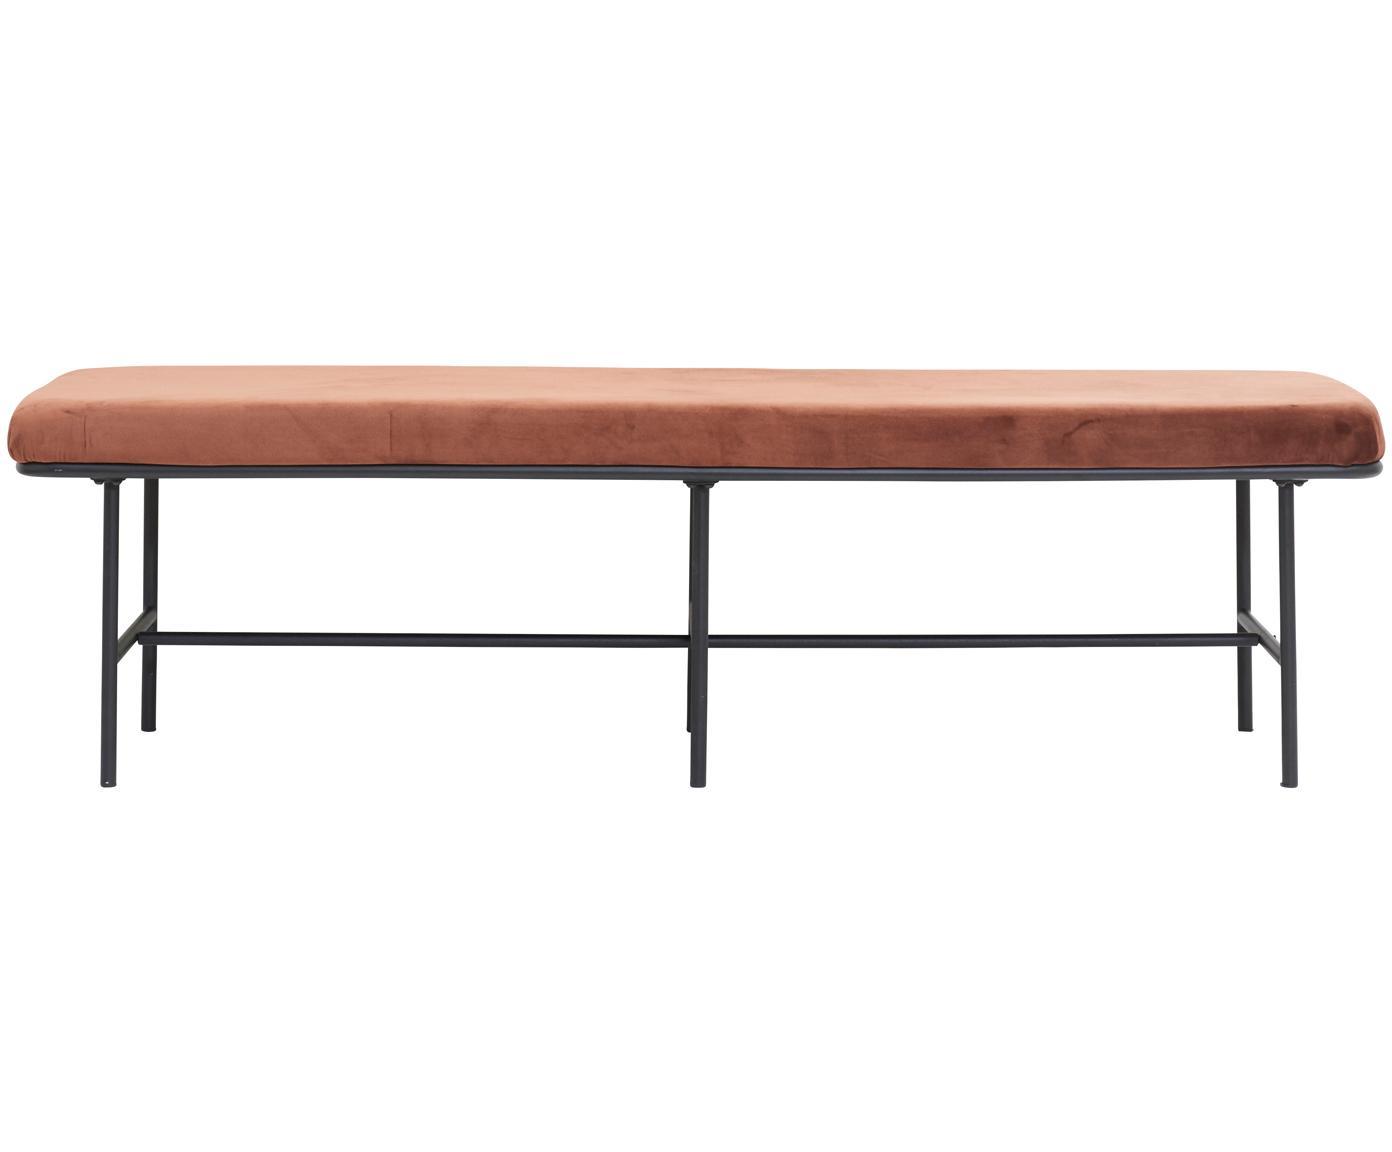 Fluwelen bank Comma, Bekleding: polyester fluweel, Frame: gepoedercoat staal, Roestbruin, B 160 cm